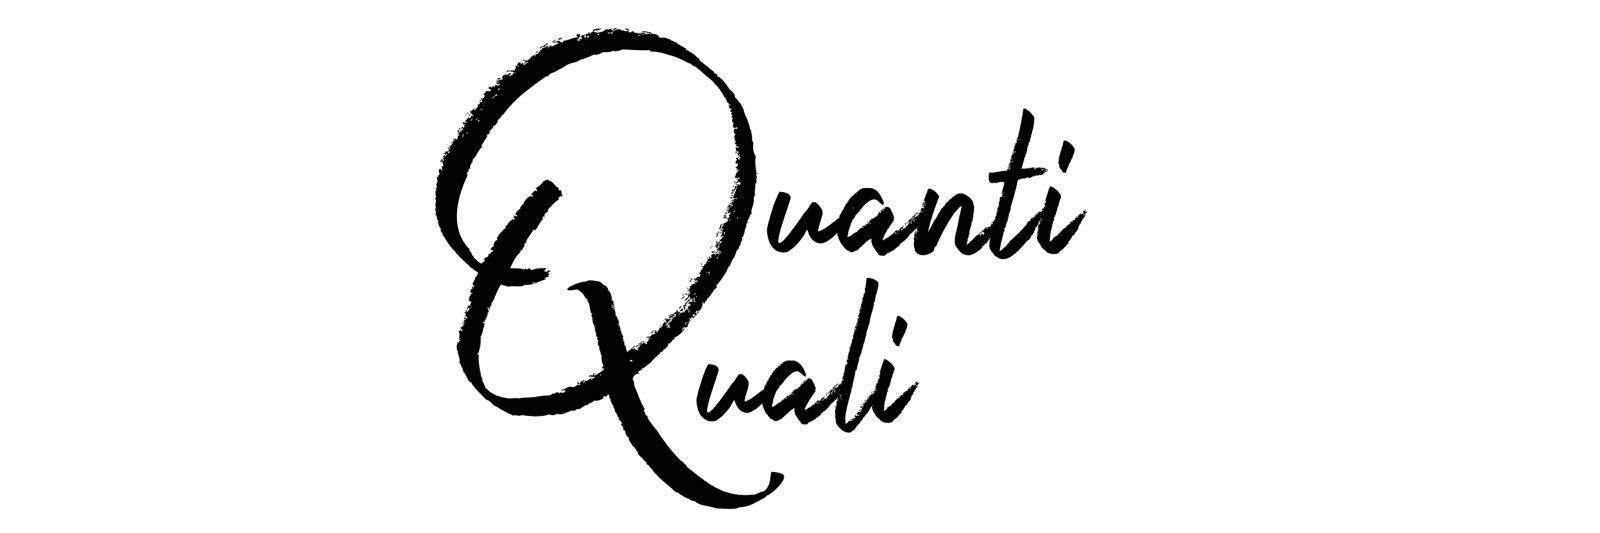 Quantiquali